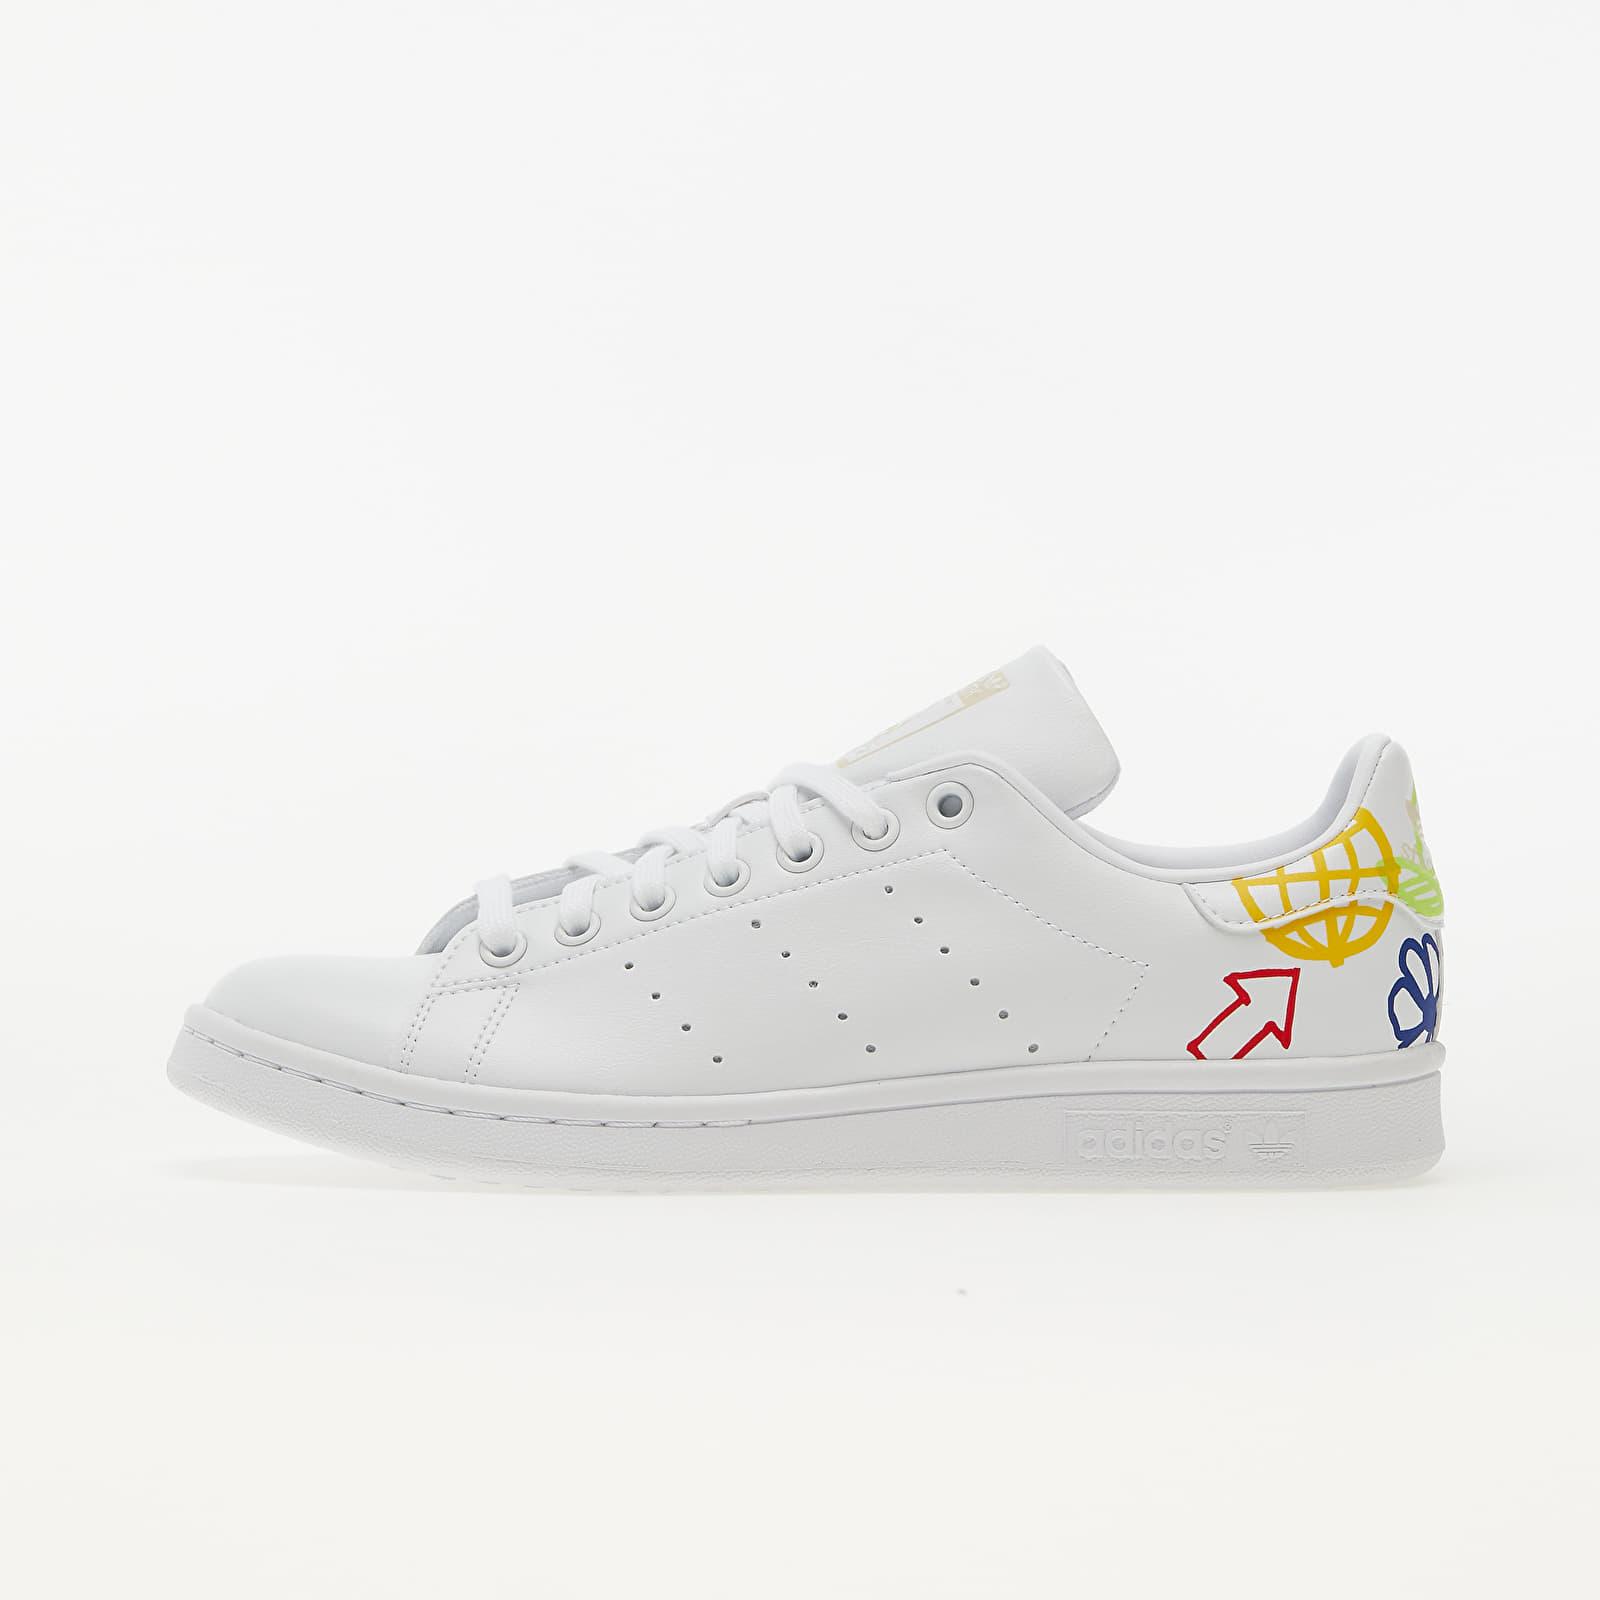 adidas Stan Smith W Ftw White/ Halo Ivory/ Ftw White EUR 37 1/3